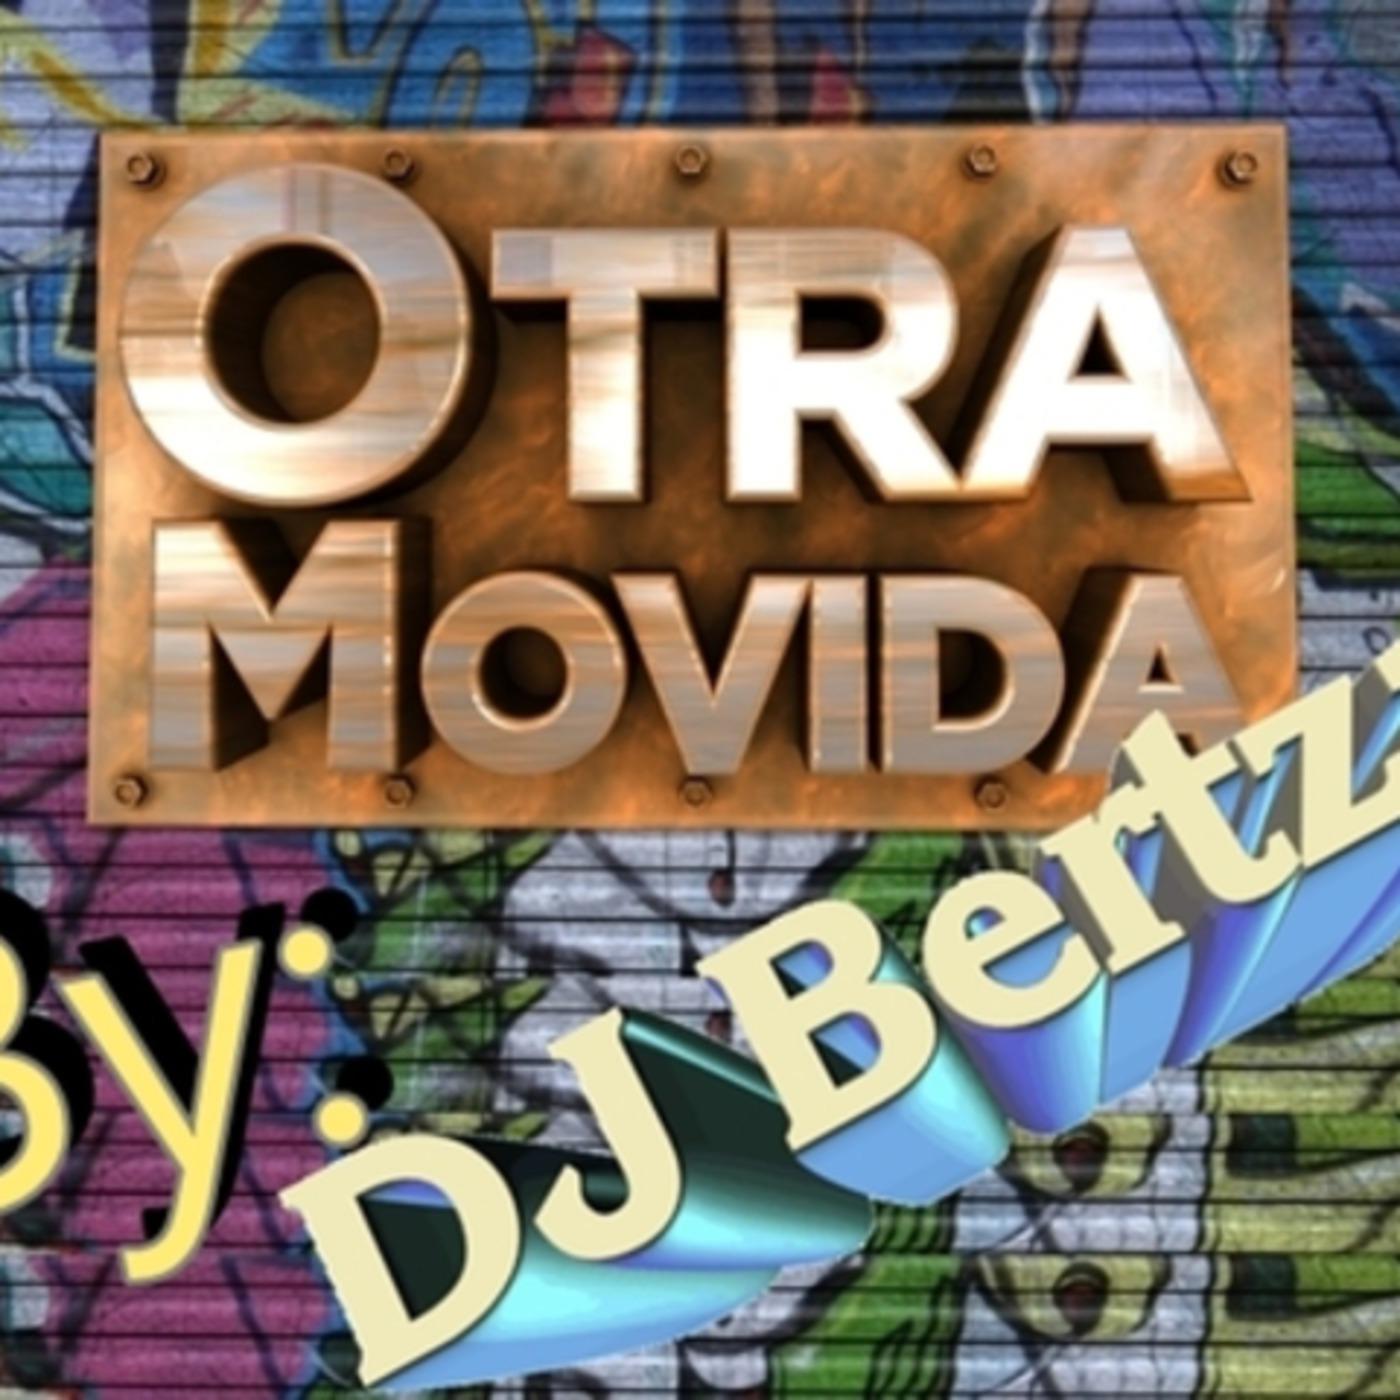 DJ Bertza- Megamix dedicado a Otra Movida